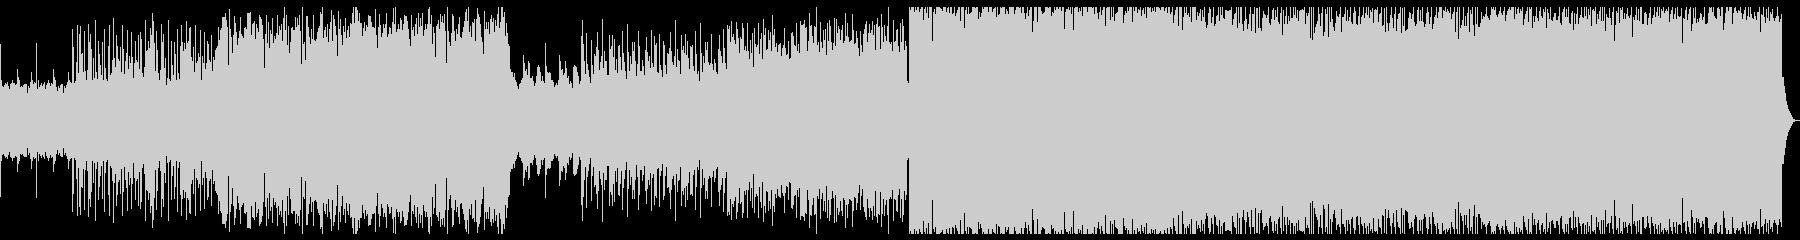 エレクトロ+バンドサウンドの激しめの曲の未再生の波形